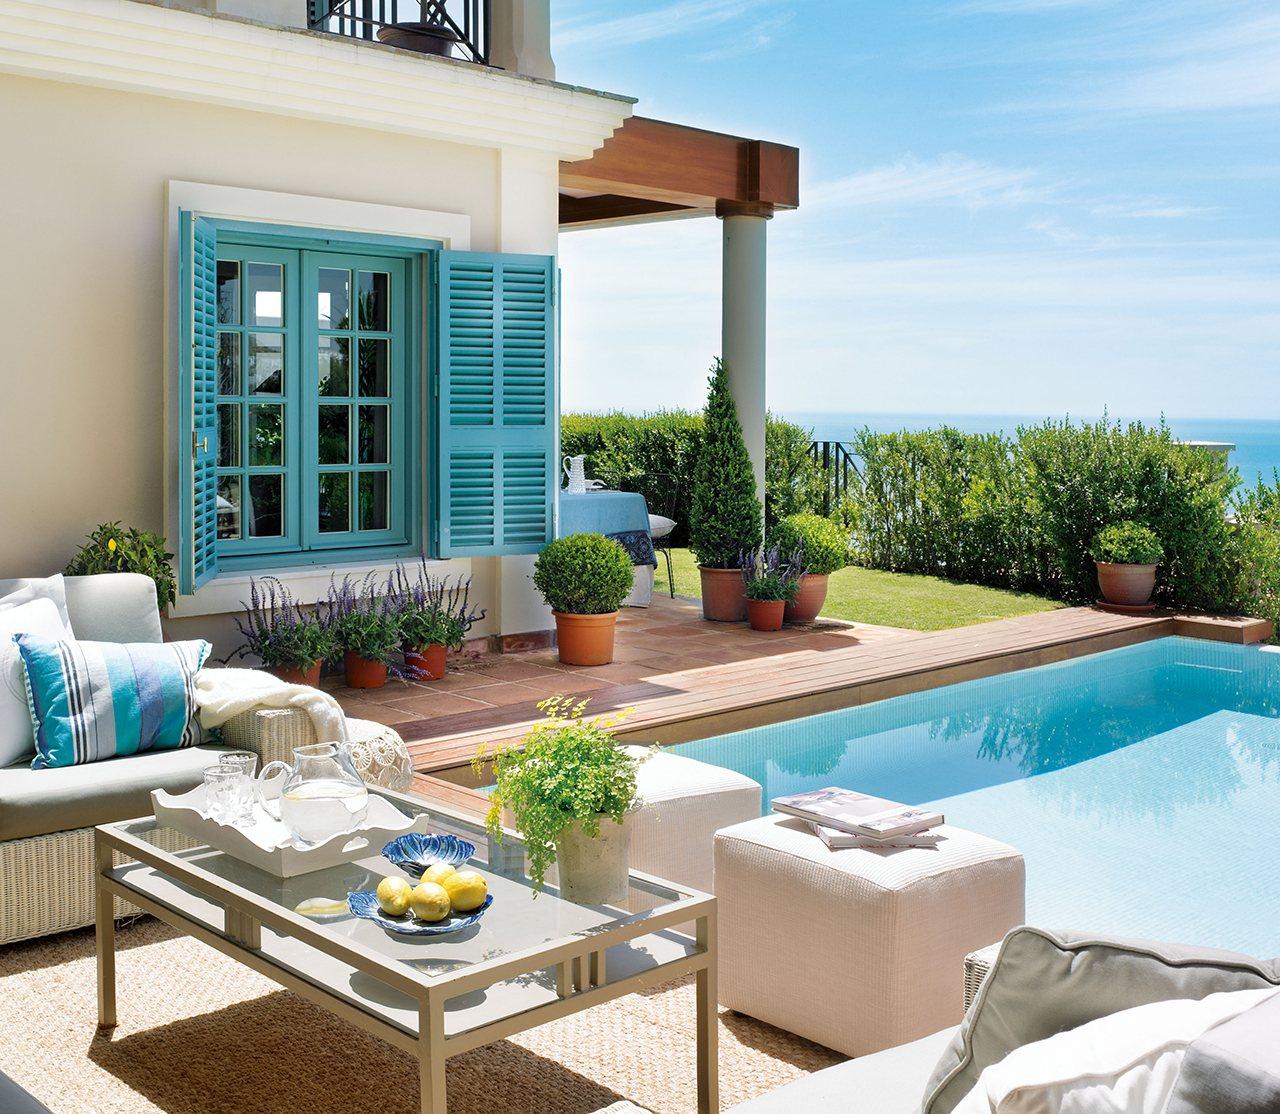 Piscinas m s naturales for Duchas solares para piscinas